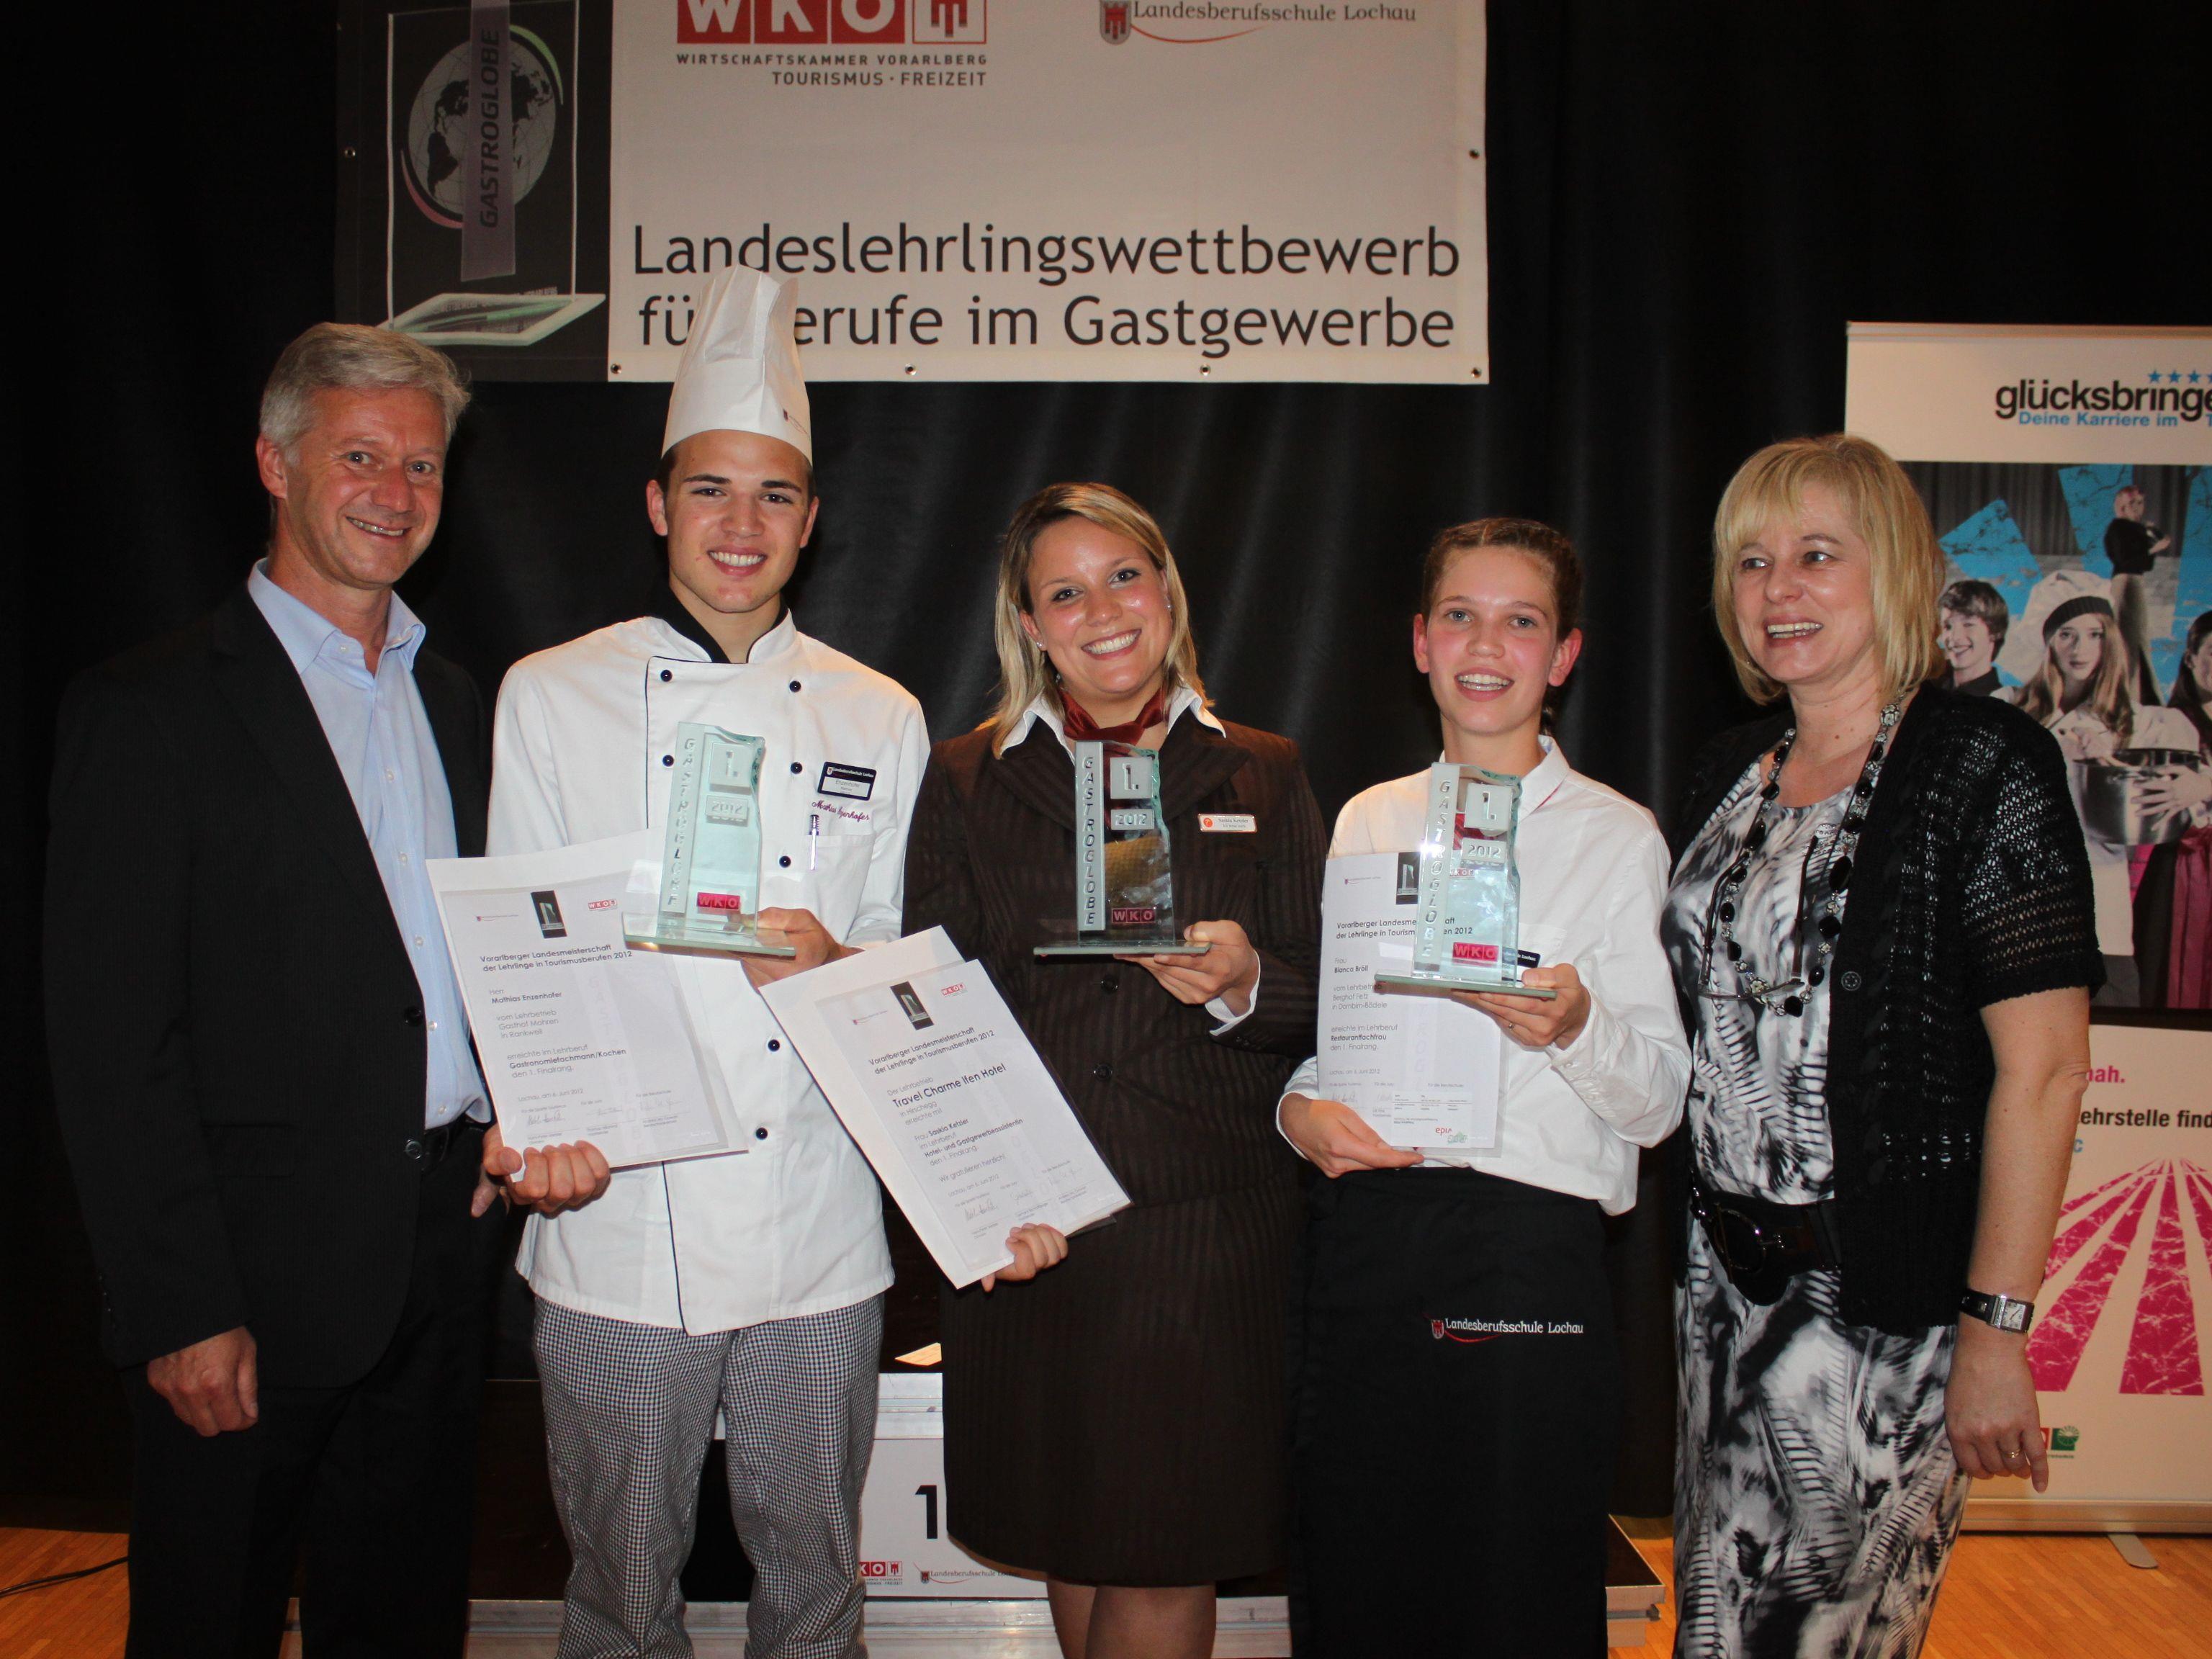 Die Sieger der 12. Vorarlberger Landesmeisterschaft für Lehrlinge in Tourismusberufen Mathias Enzenhofer, Saskia Ketzler und Bianca Bröll mit Direktorin Andrea Mc Gowan (LBS Lochau) und Andrew Nussbaumer (WK Fachgruppe Gastronomie).